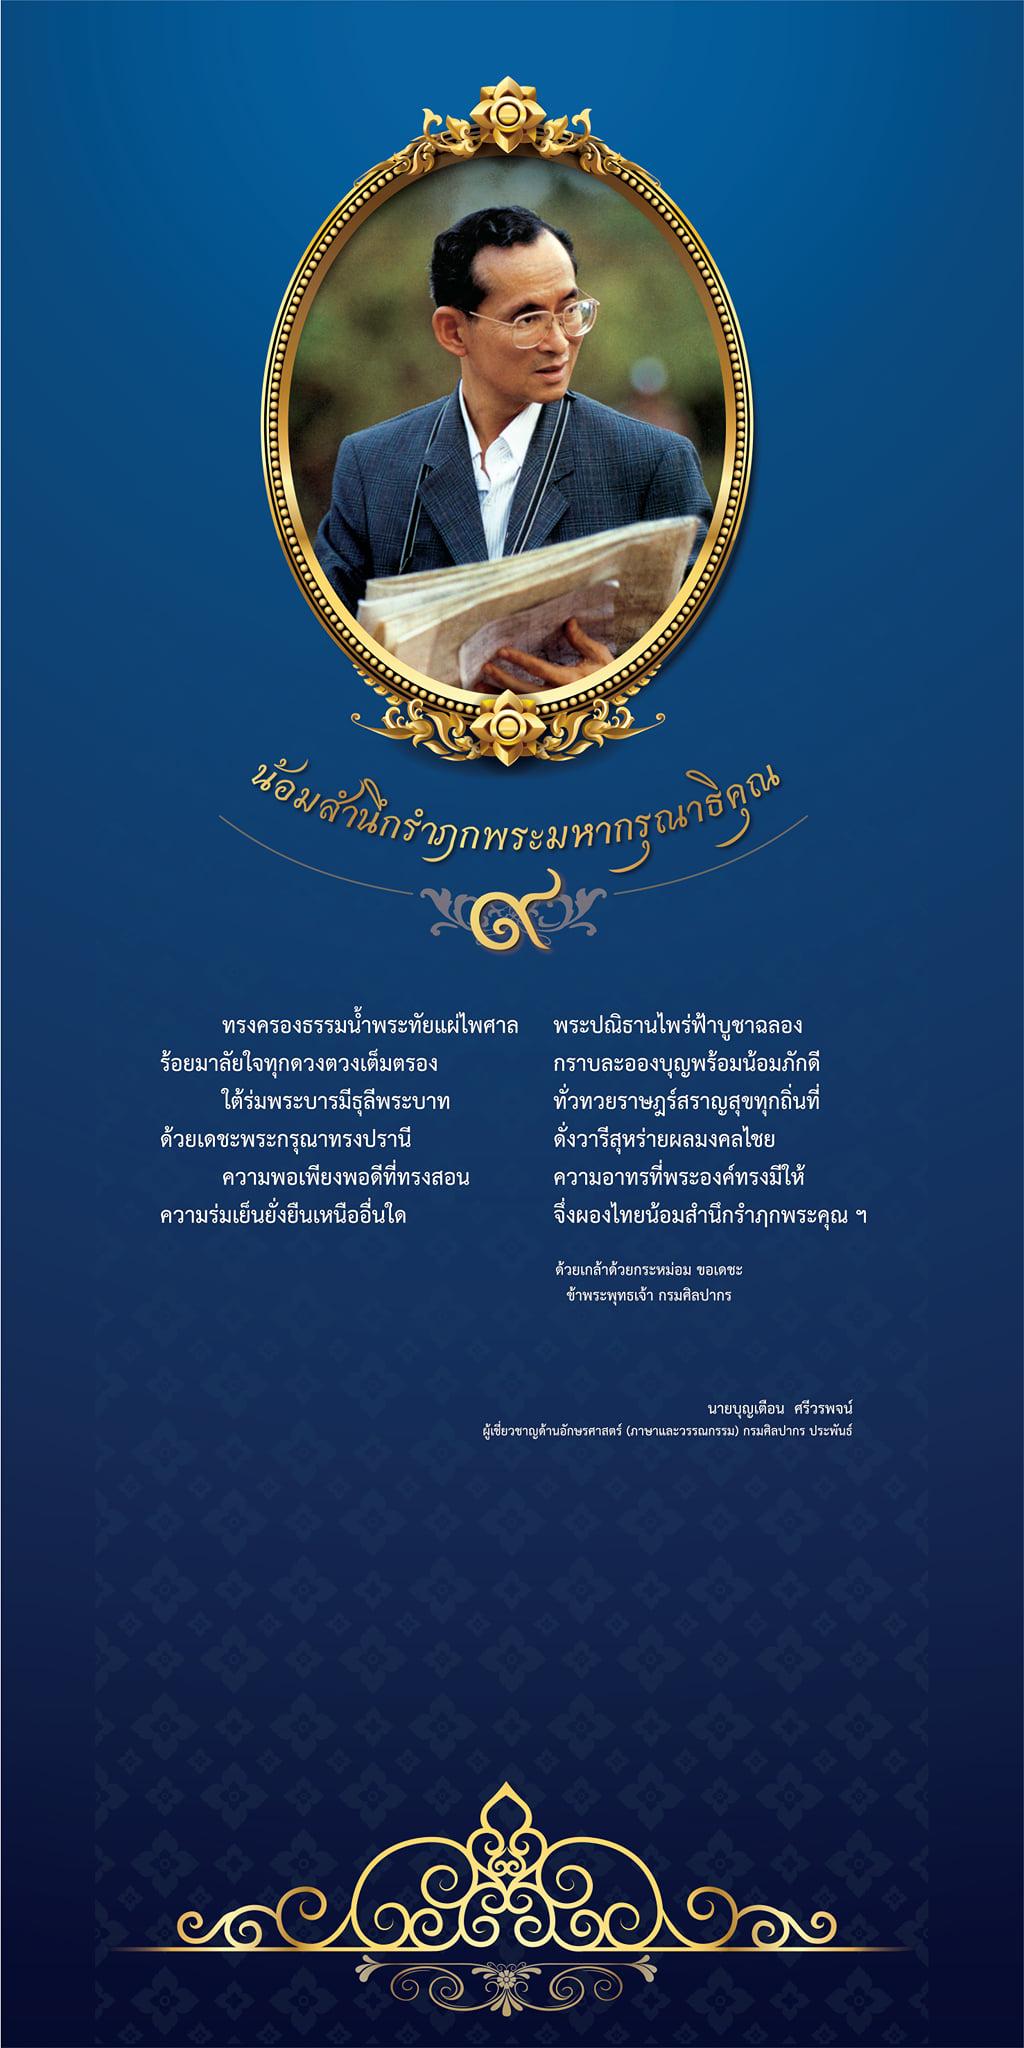 วันที่ 5 ธันวาคม 2563  วันคล้ายวันพระราชสมภพ พระบาทสมเด็จพระบรมชนกาธิเบศร มหาภูมิพลอดุลยเดชมหาราช บรมนาถบพิตรและวันพ่อแห่งชาติ